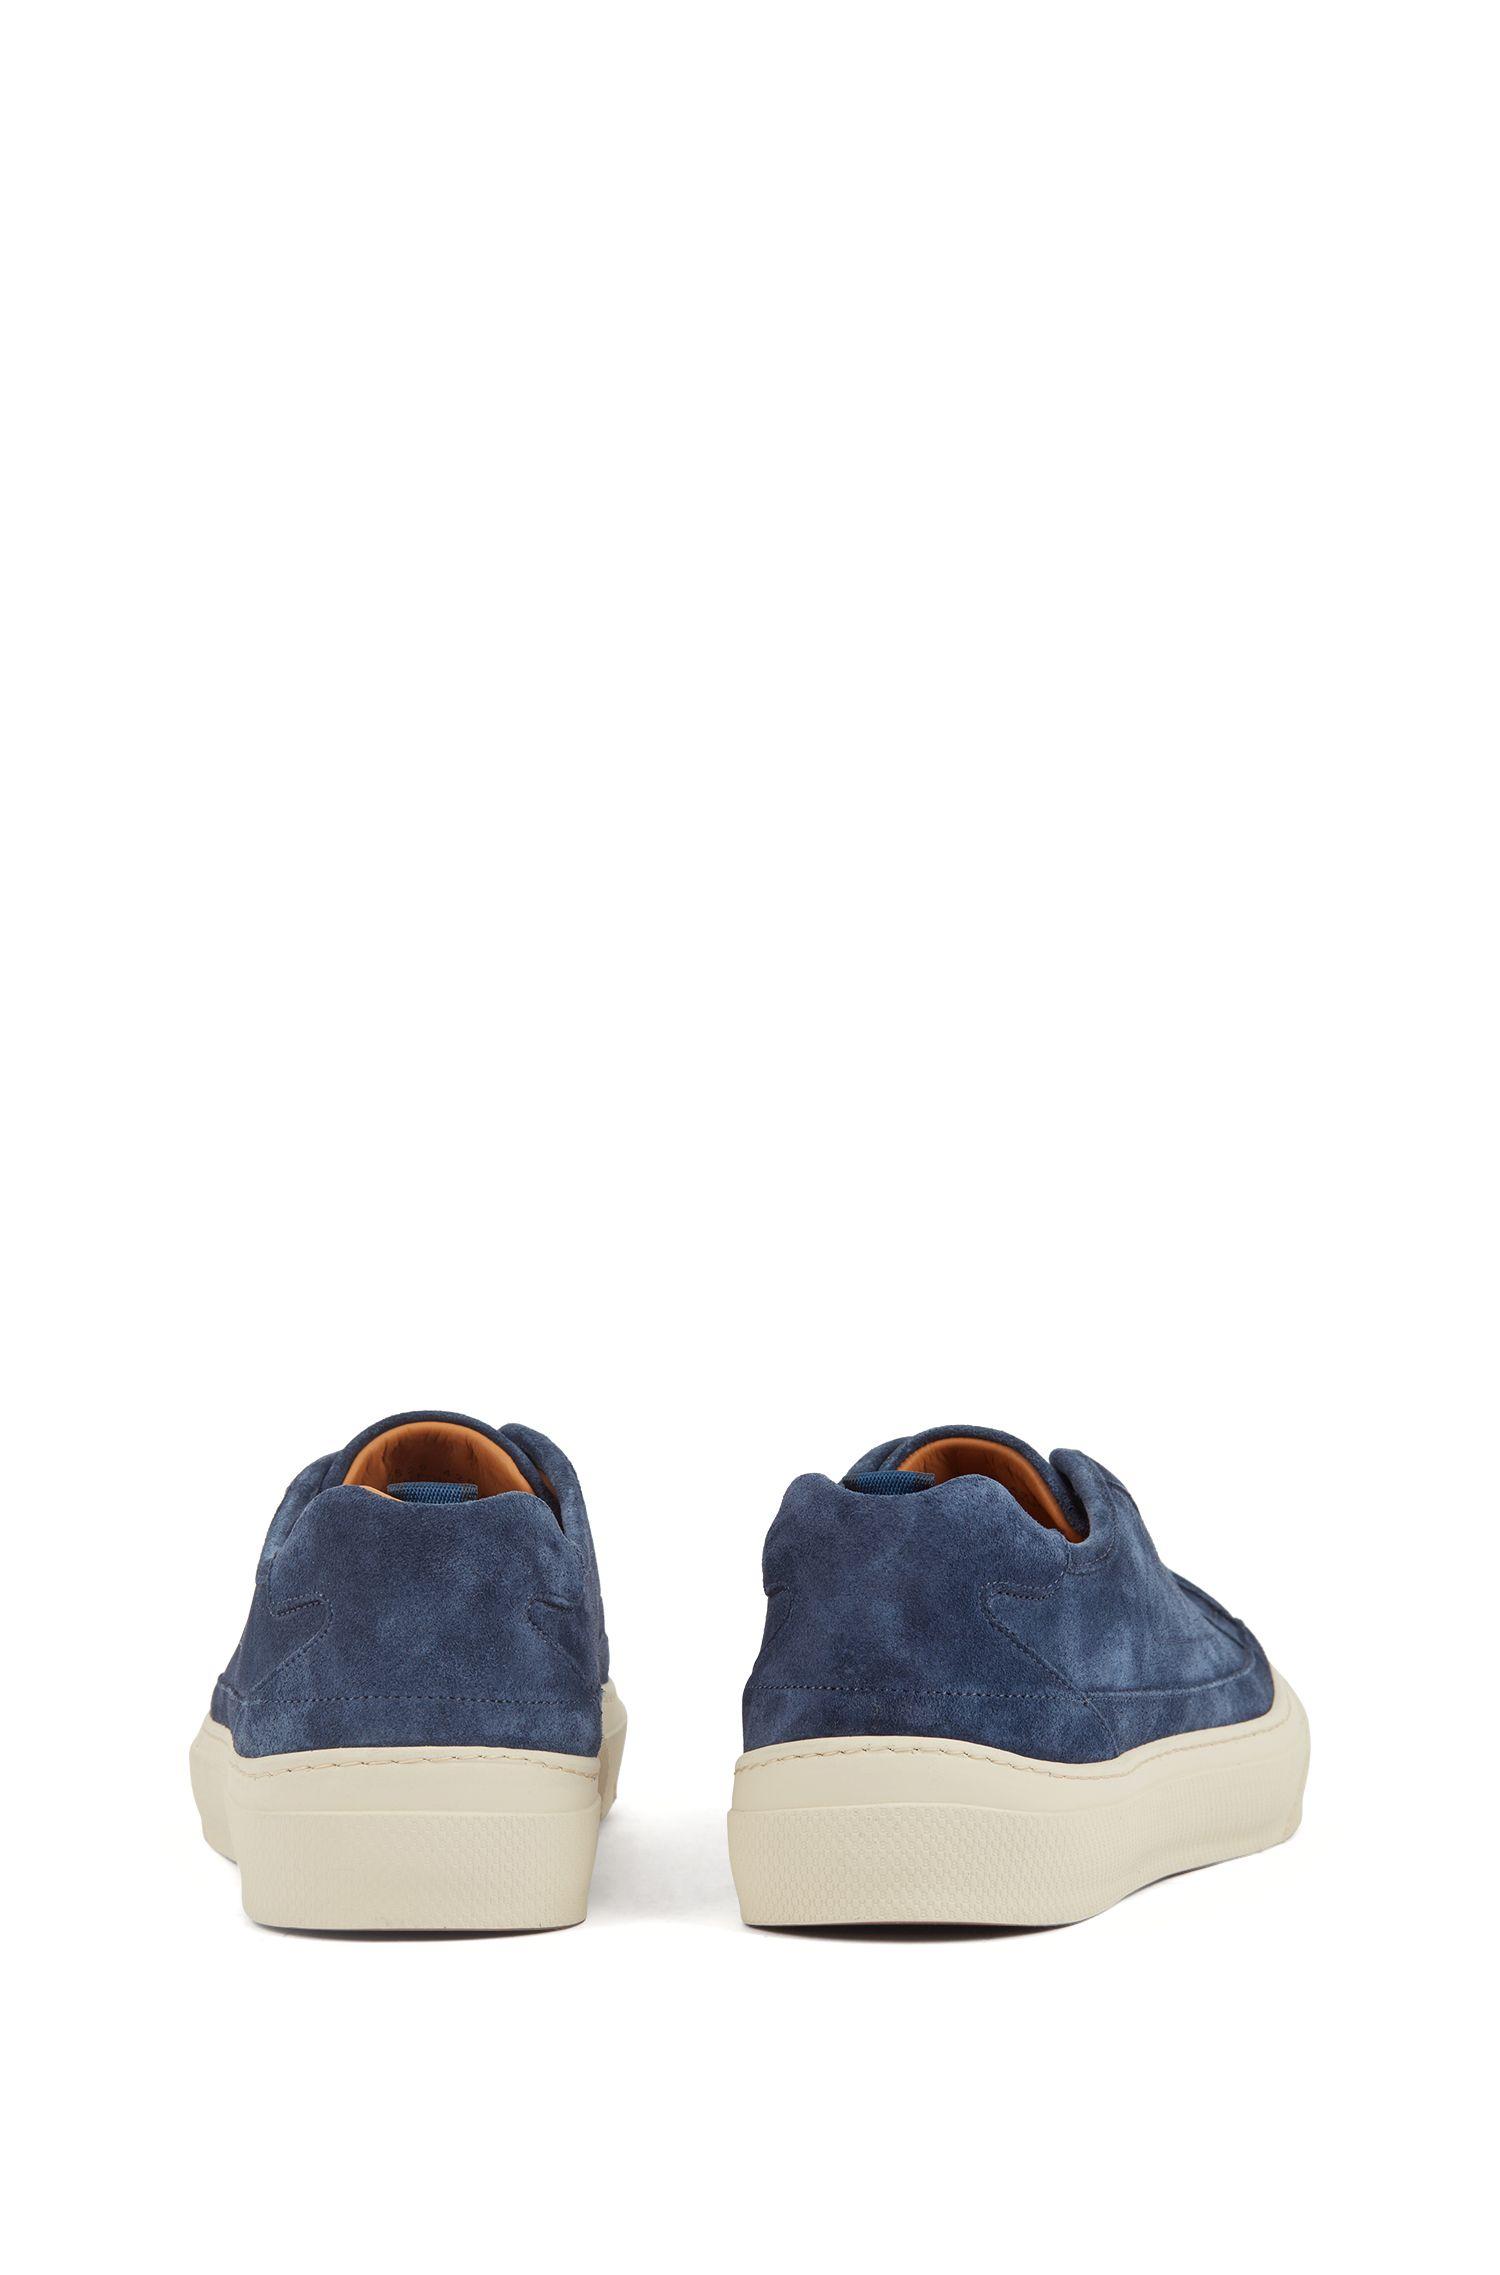 Sneakers ispirate al tennis in pelle scamosciata di vitello con suola monogrammata, Blu